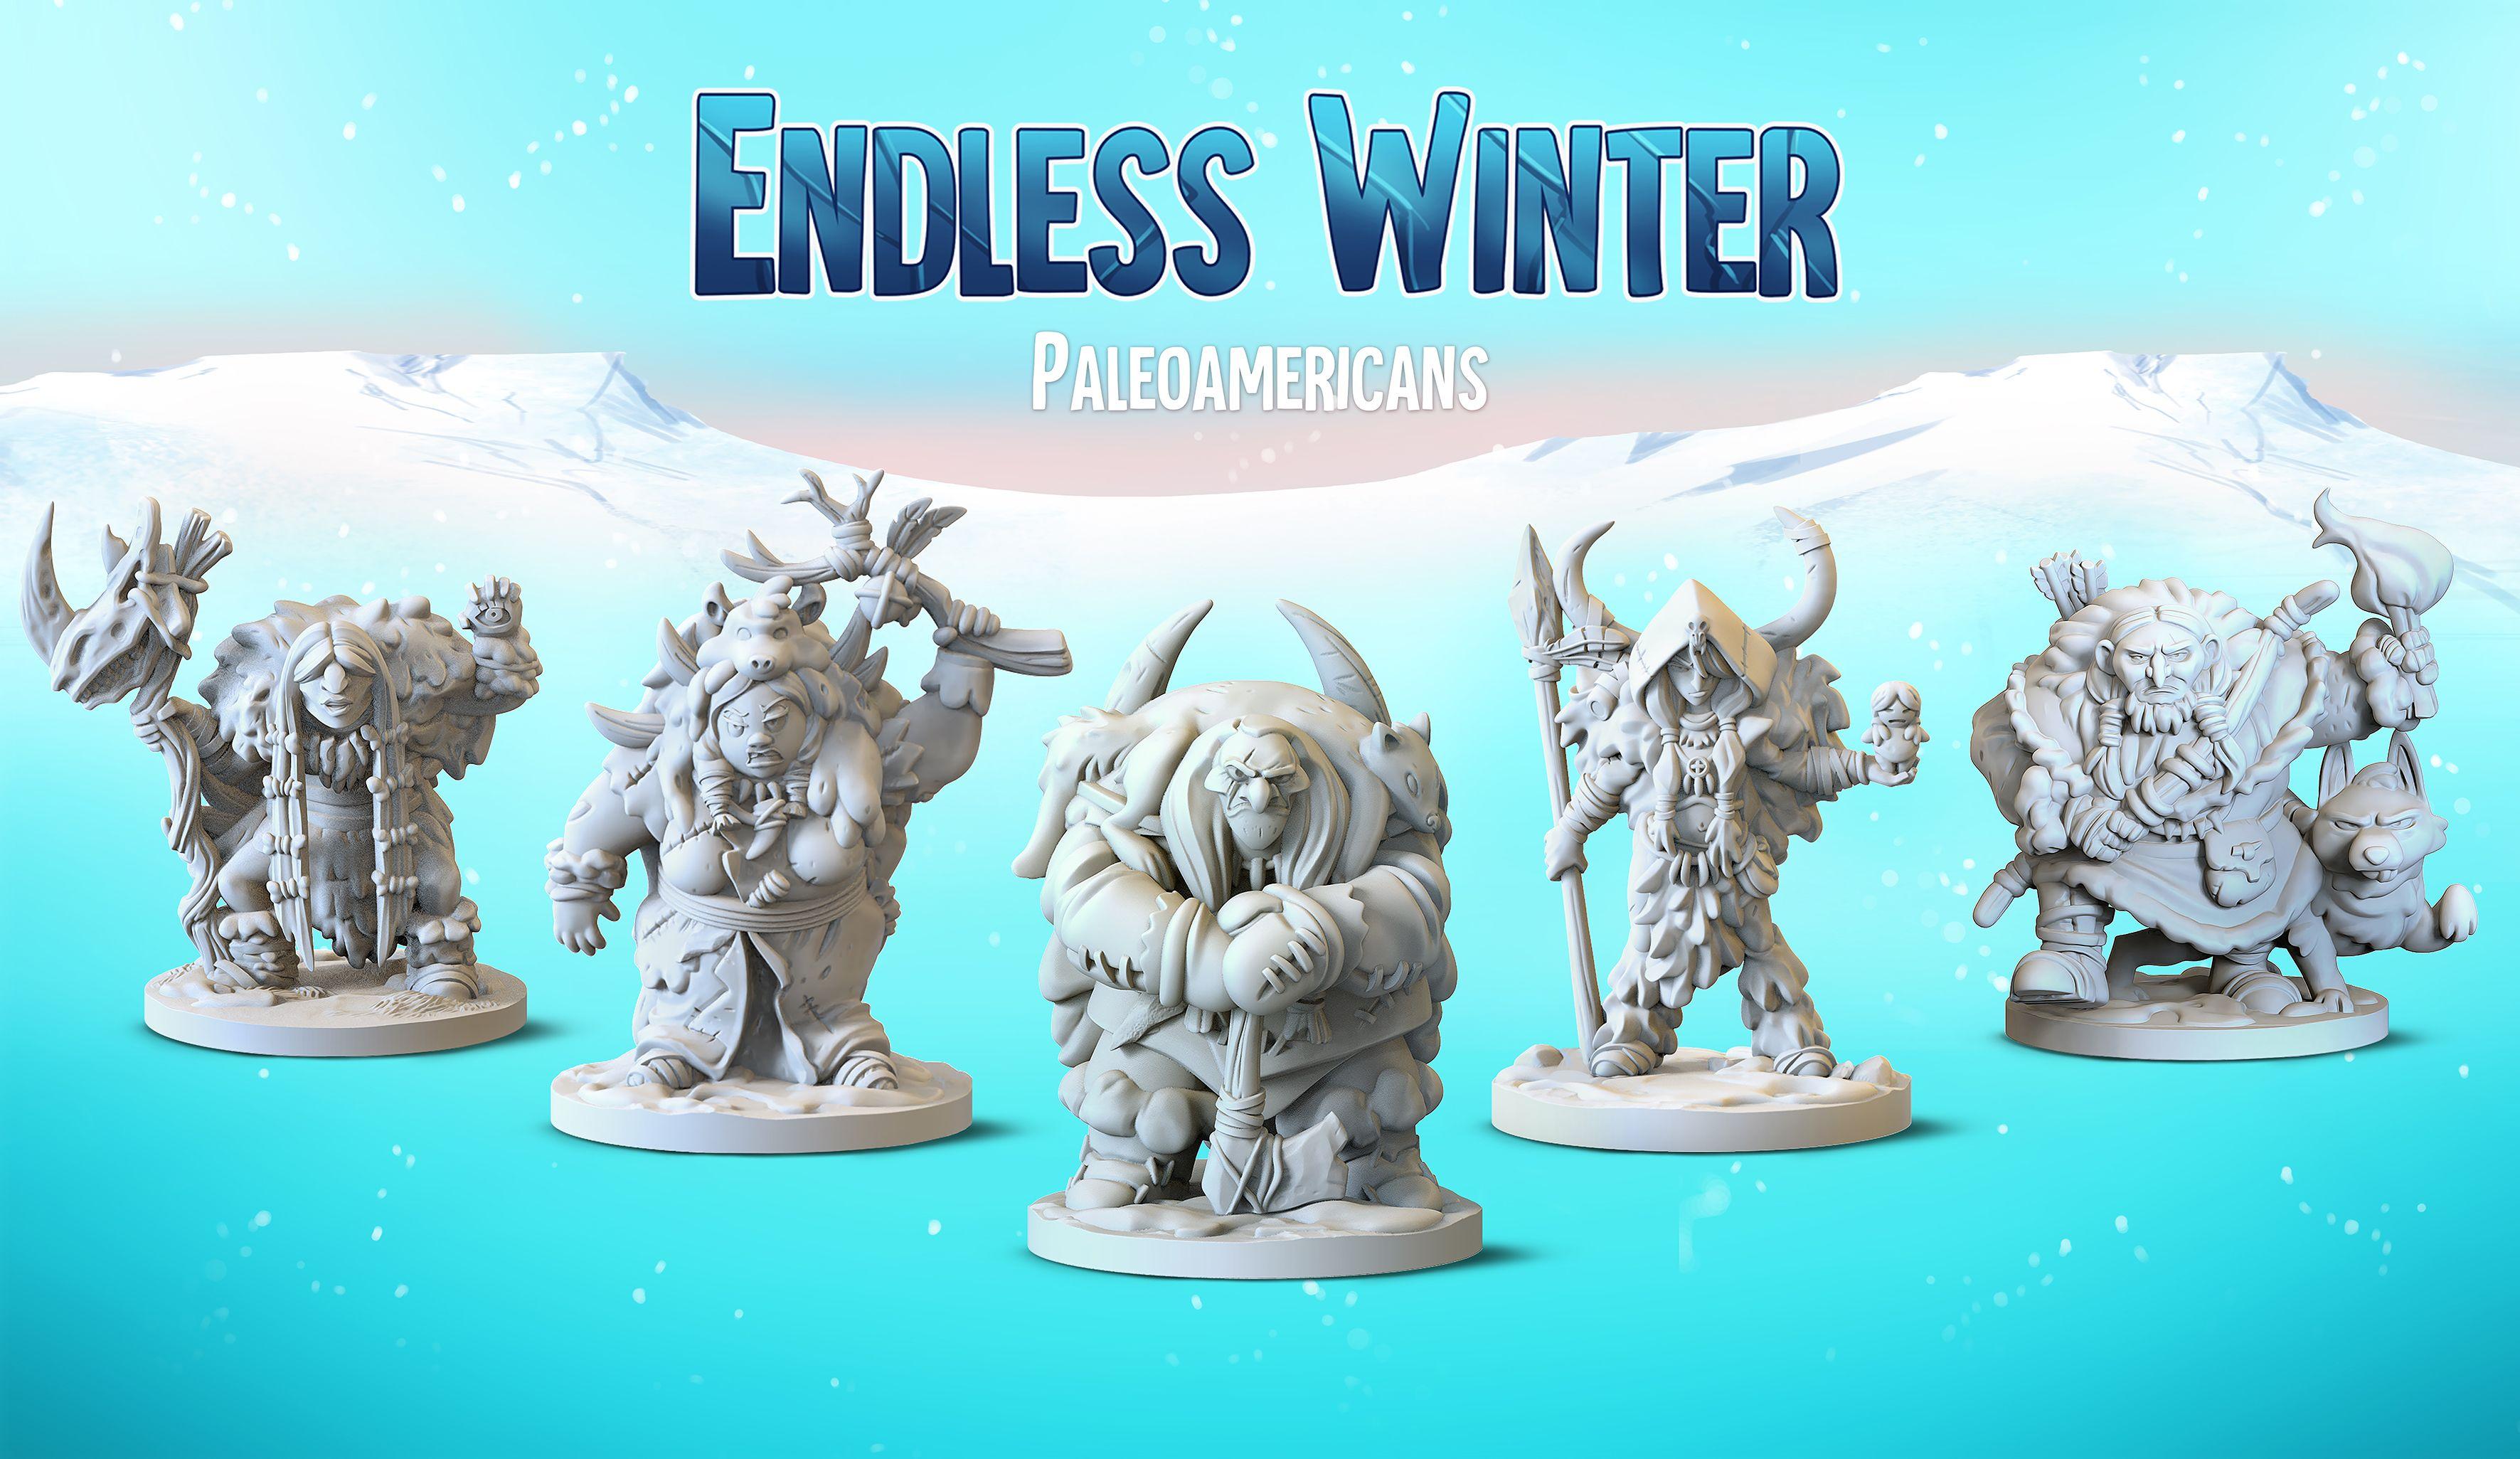 Séries des chefs de Endless Winter : Paleoamericans